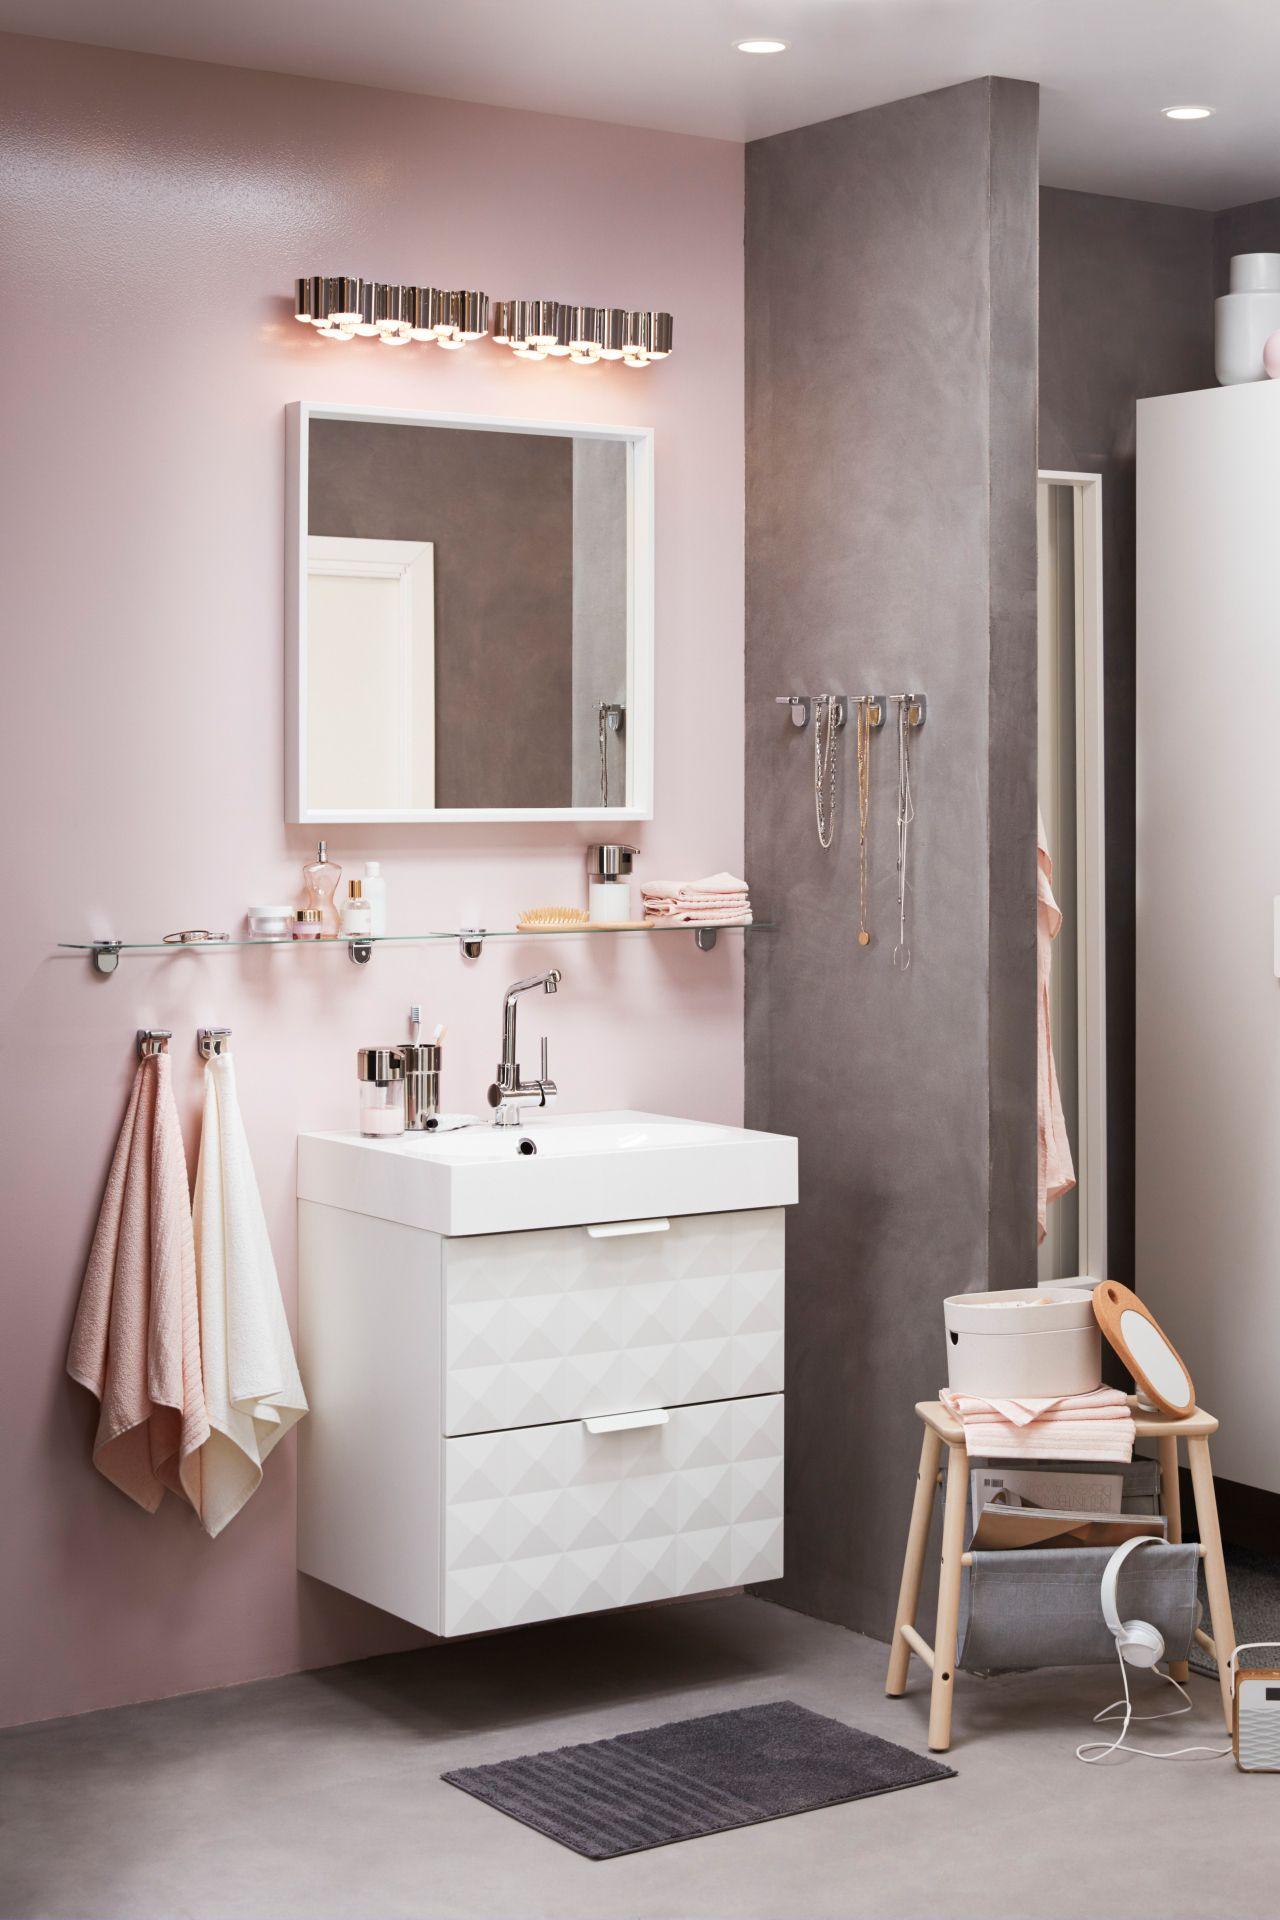 Mobel Einrichtungsideen Fur Dein Zuhause Ikea Badezimmer Badezimmer Und Ikea